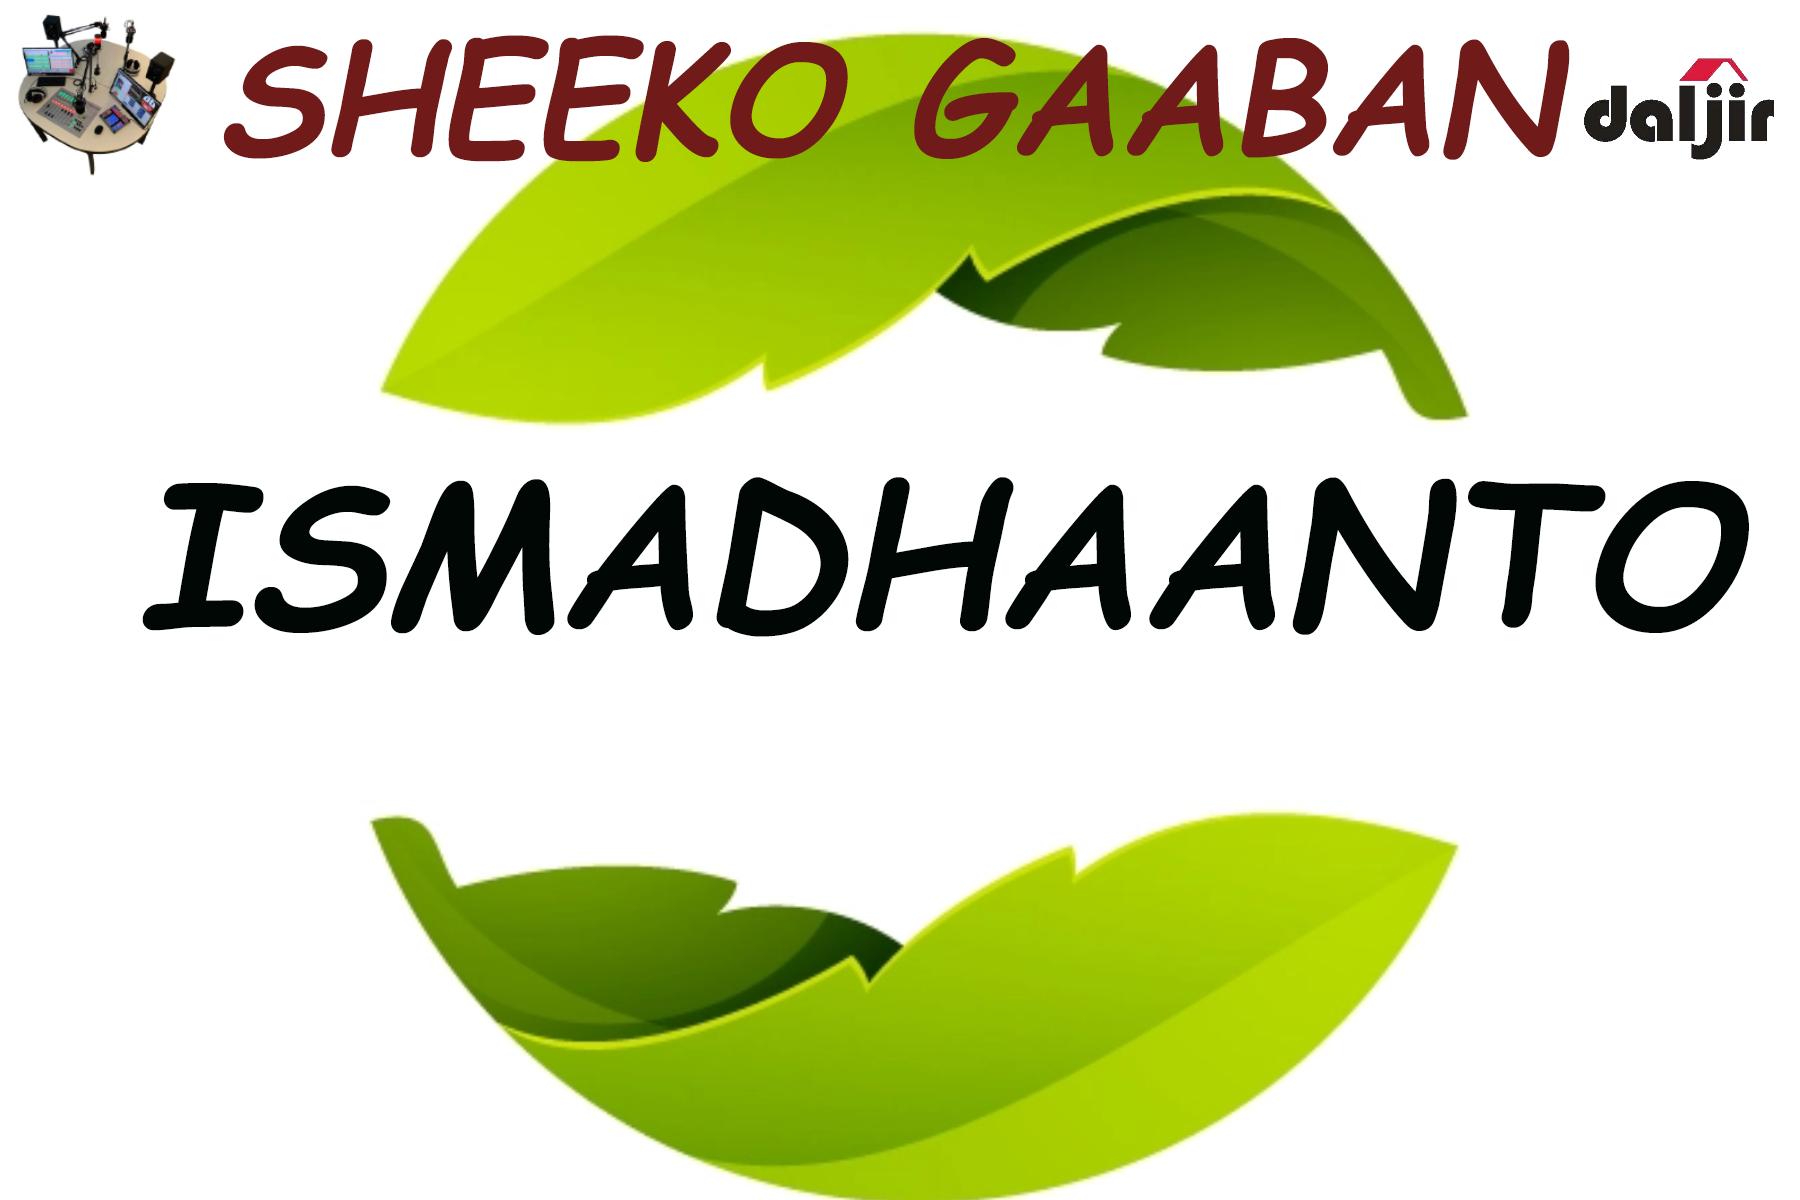 Sheeko Gaaban: Sheekada Ismadhaanto – Taxanaha 11aad (dhegayso | daawo)